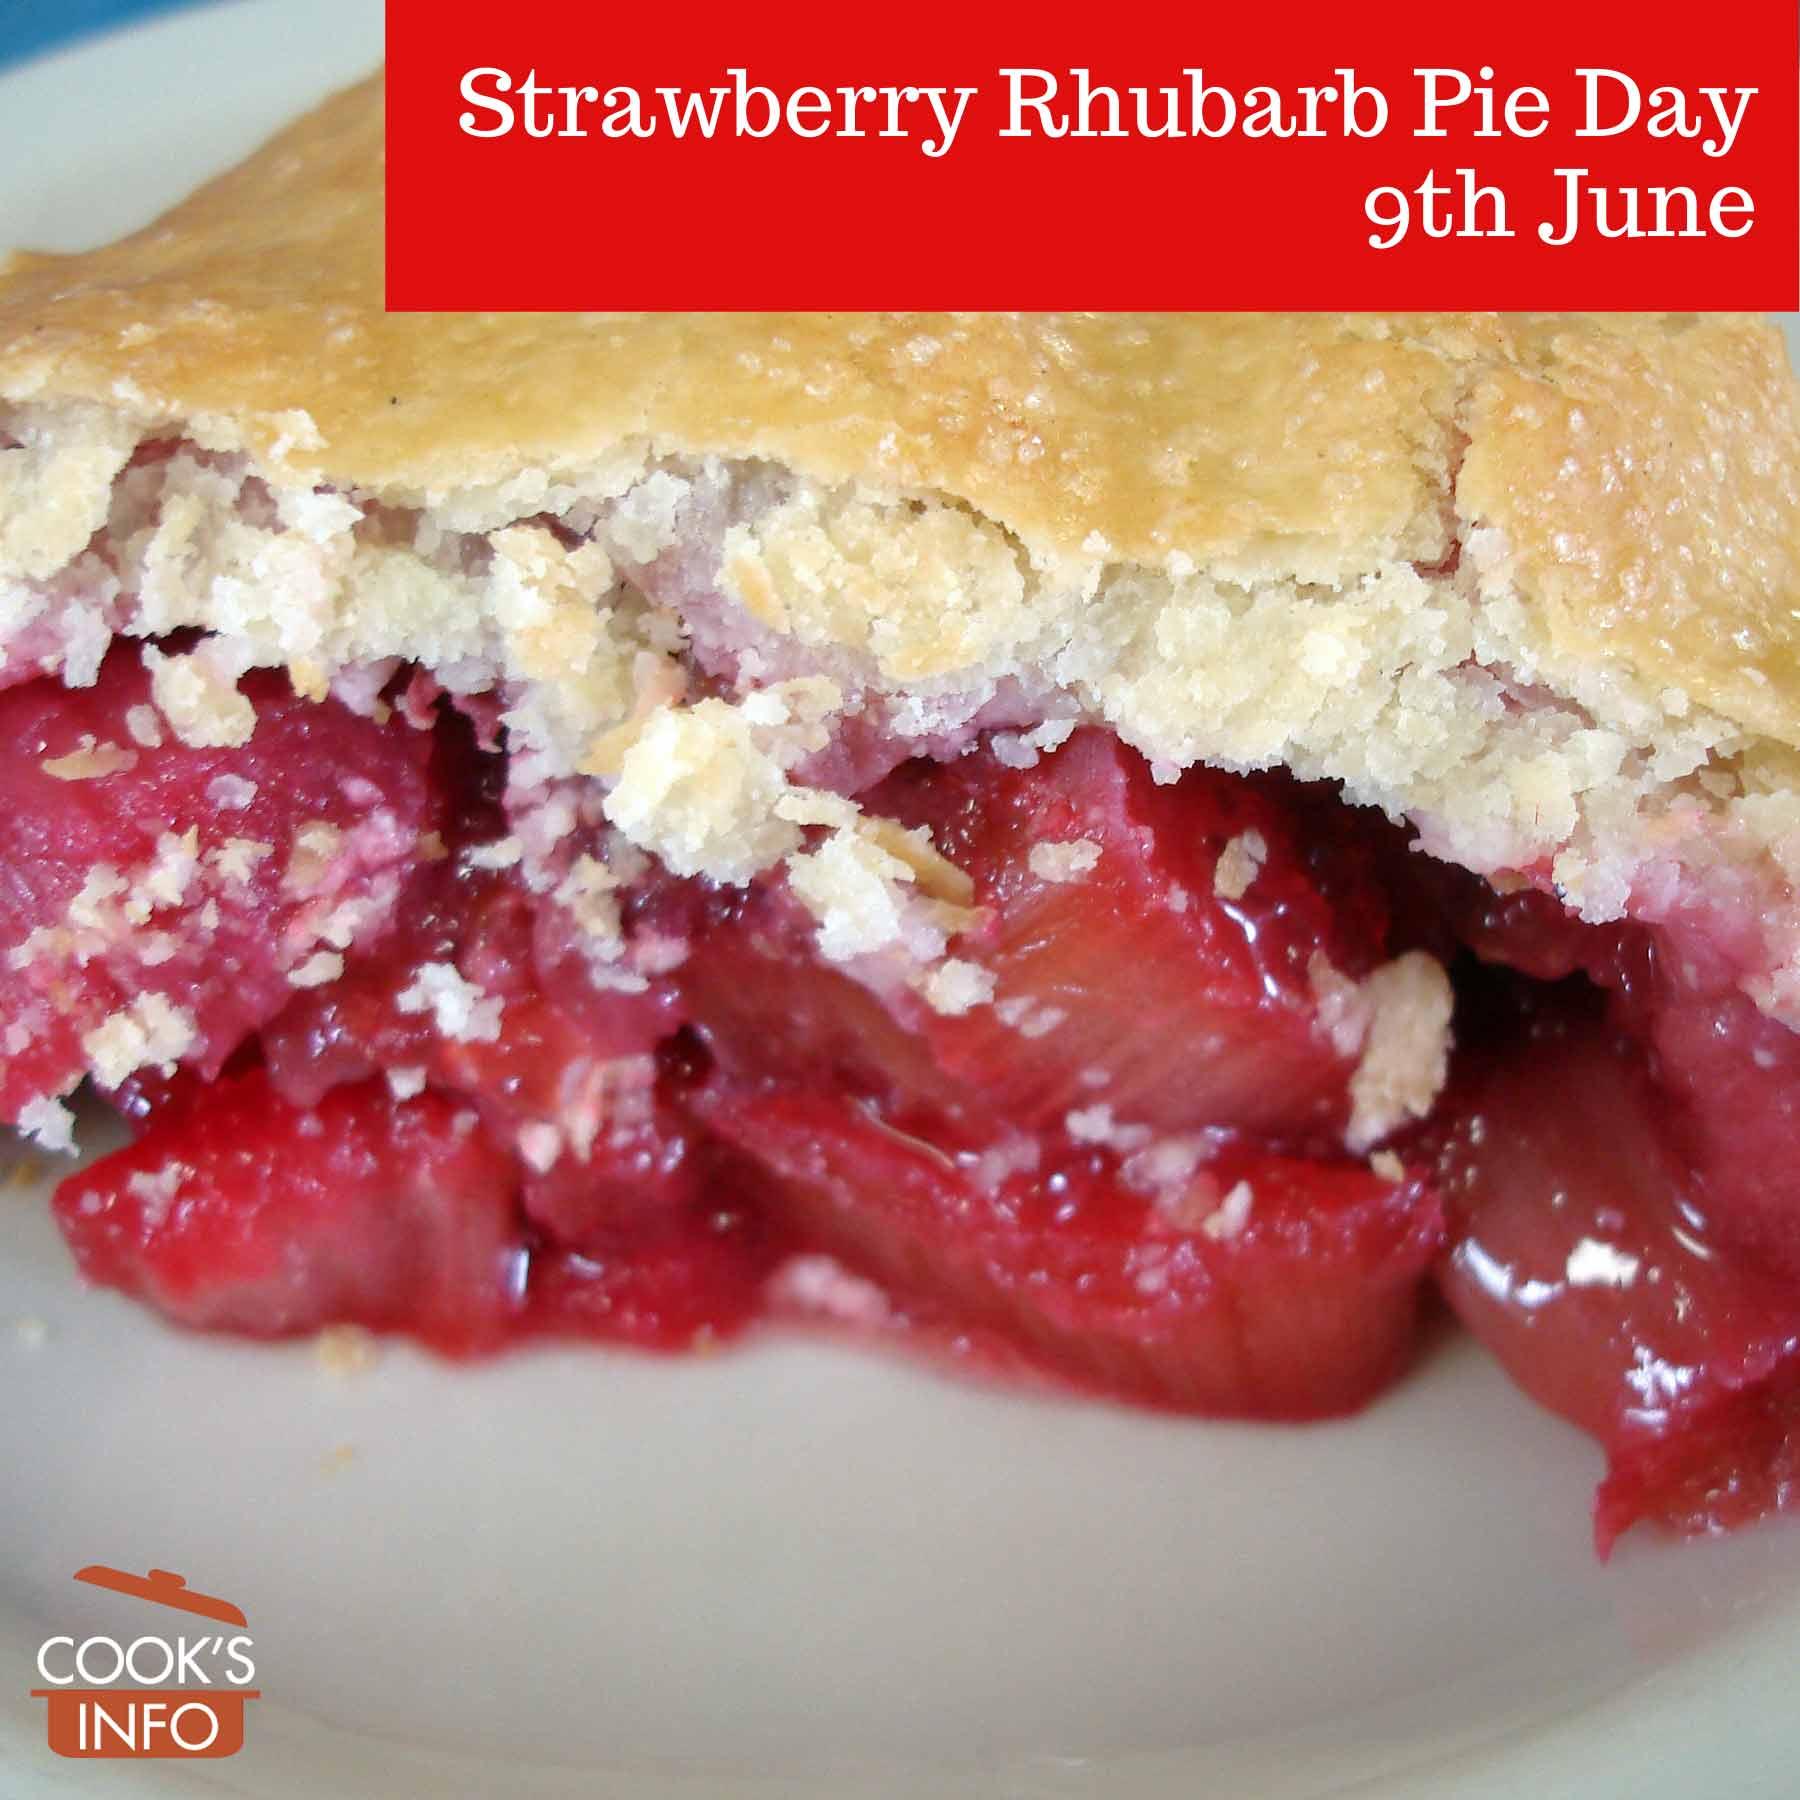 Slice of Strawberry Rhubarb Pie